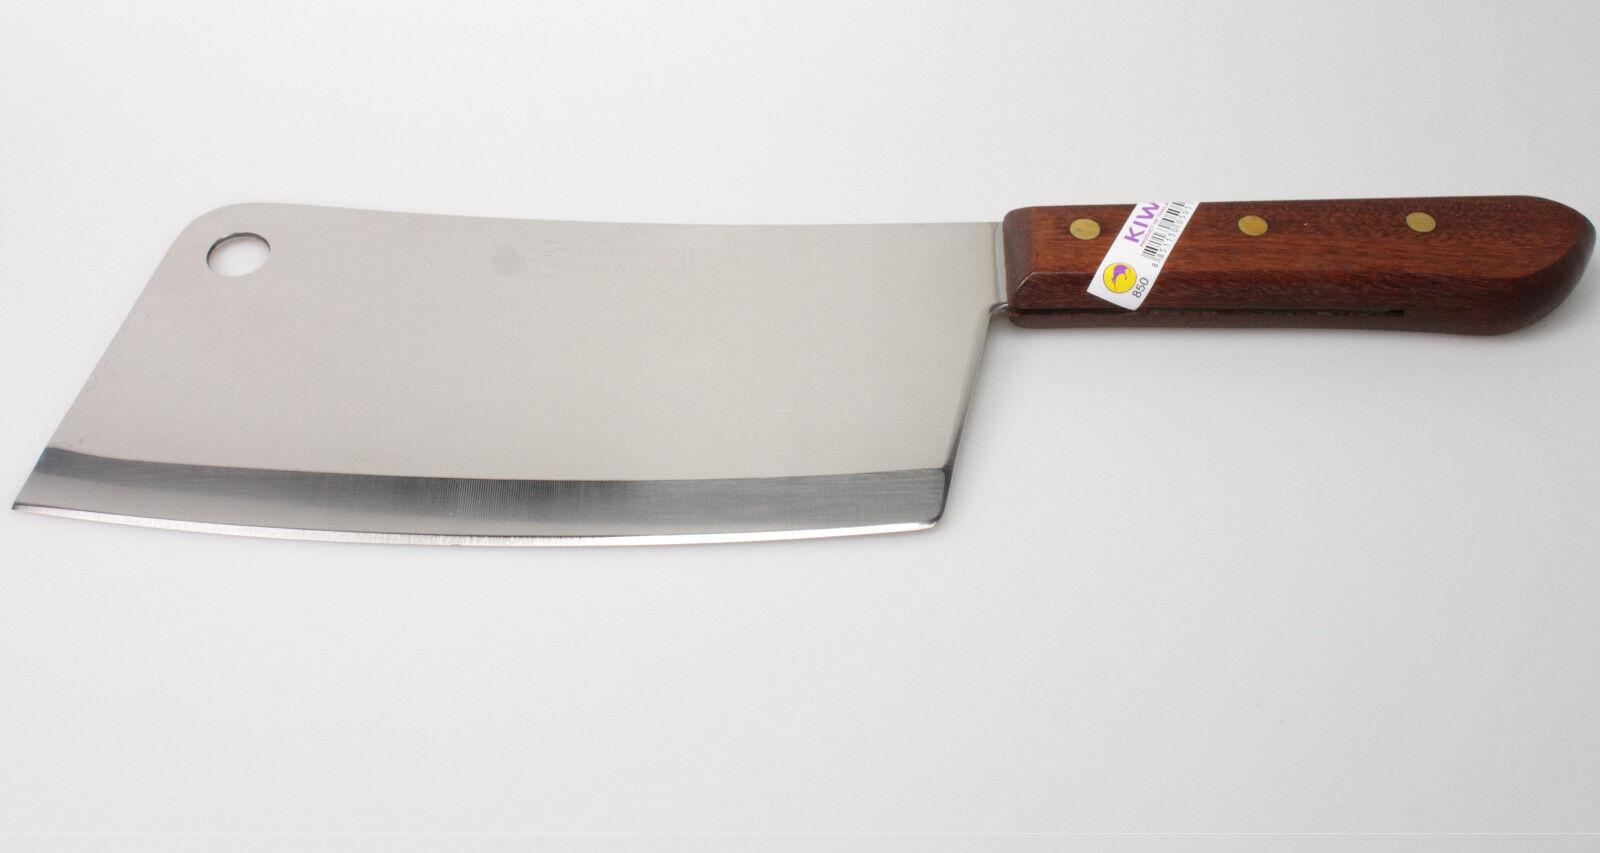 Hackbeil Edelstahl Holzgriff Klinge 19cm Hackmesser Fleischerbeil Küchenbeil